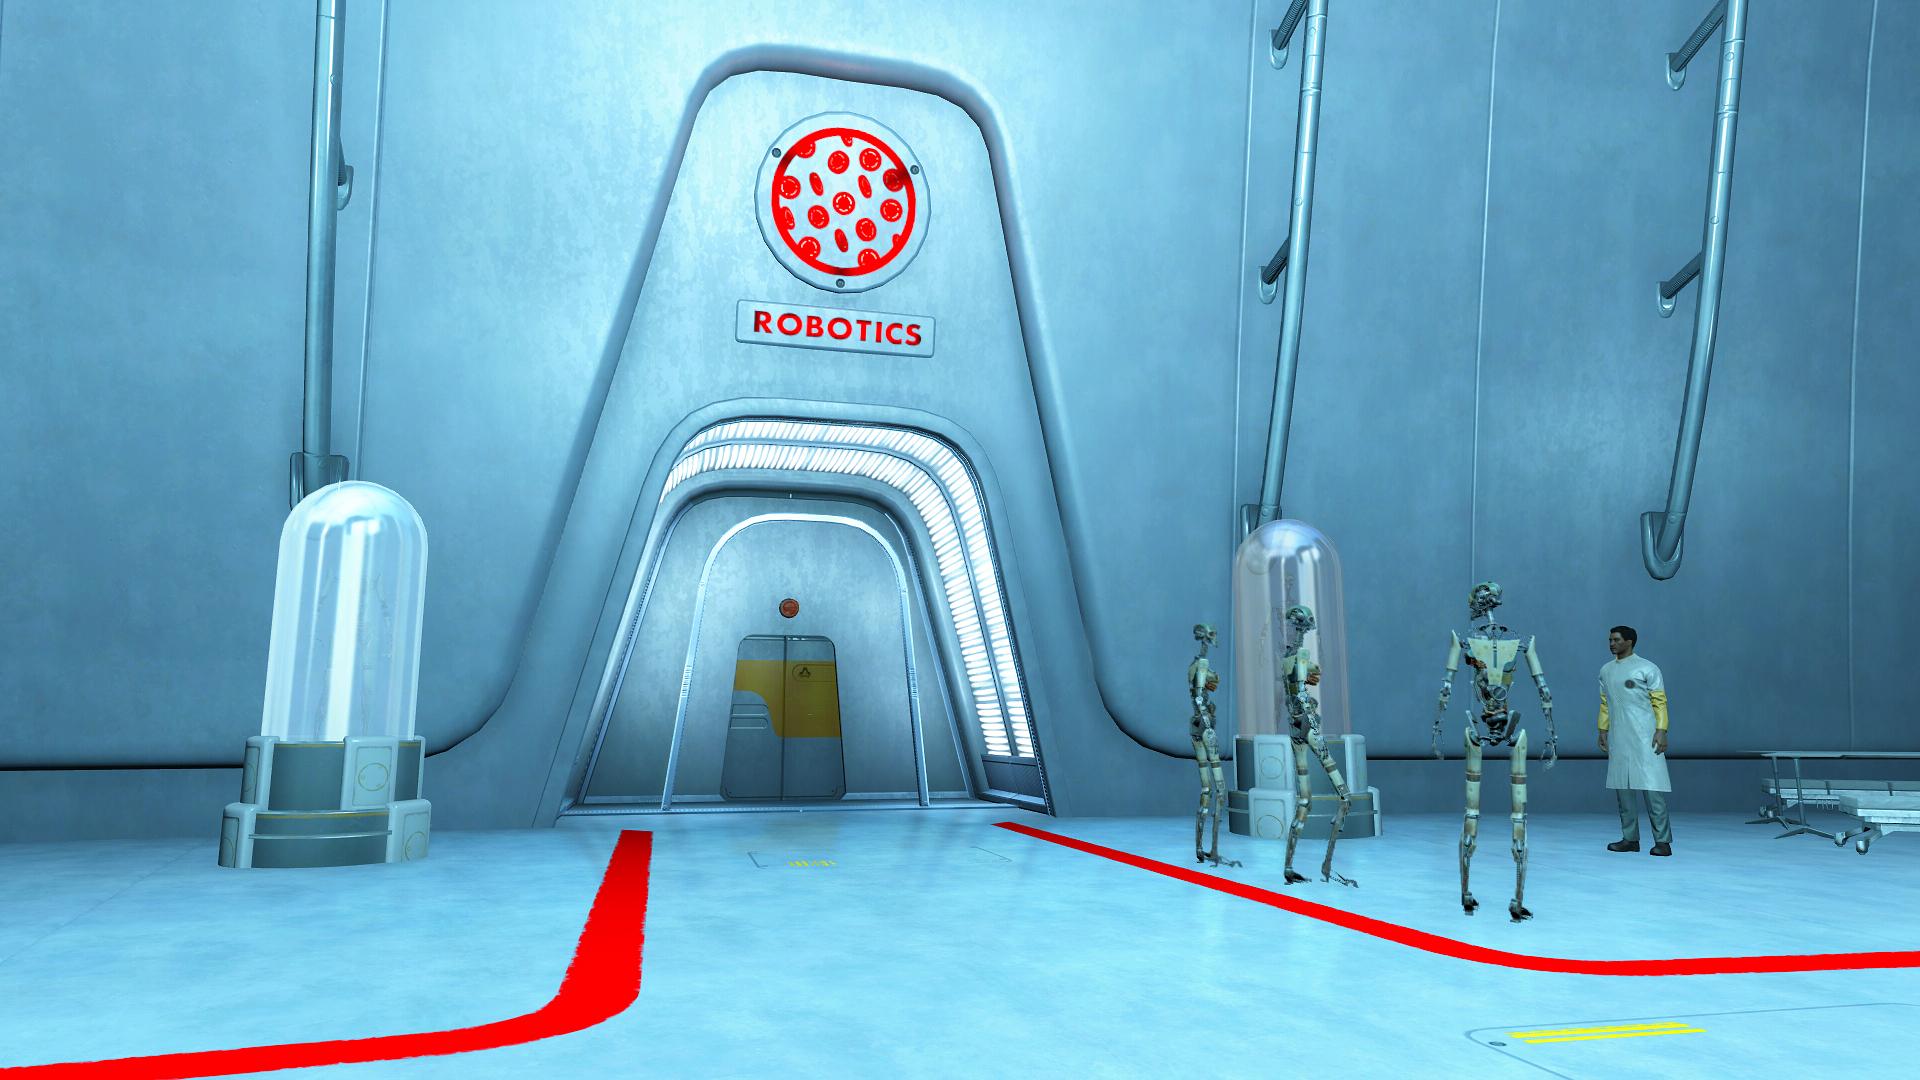 Институт — отдел роботехники